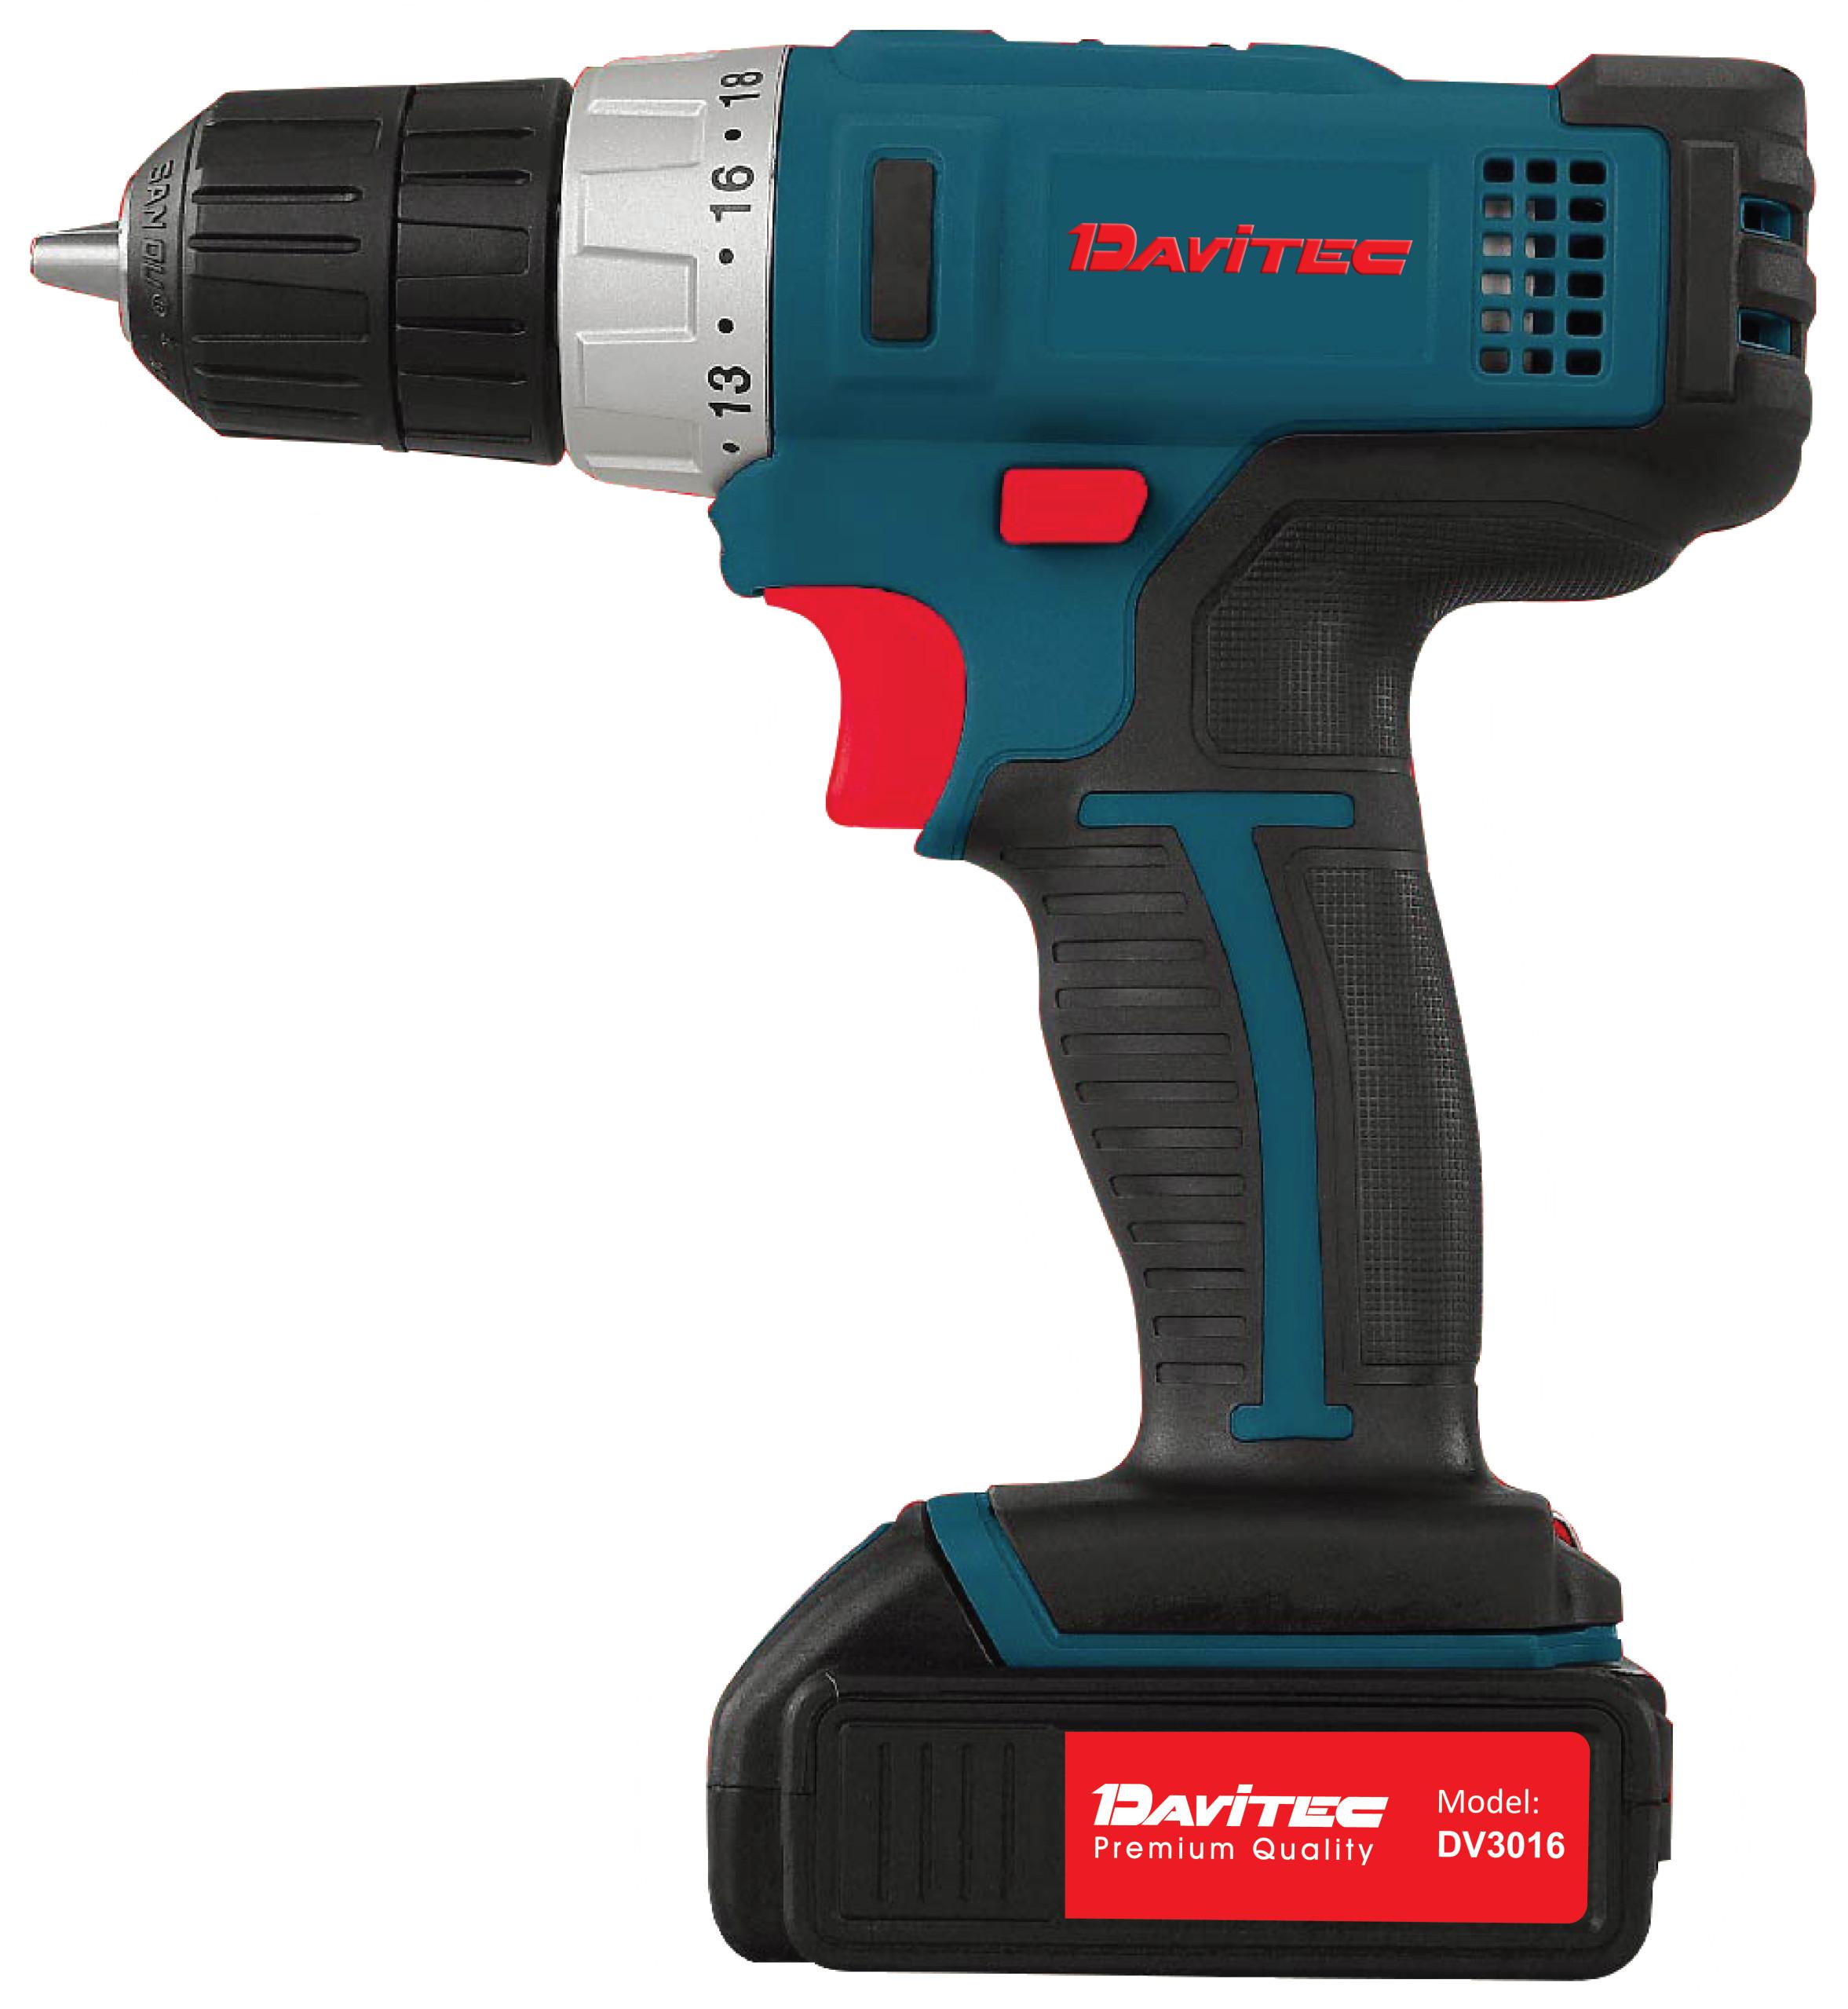 Battery drill DV3016